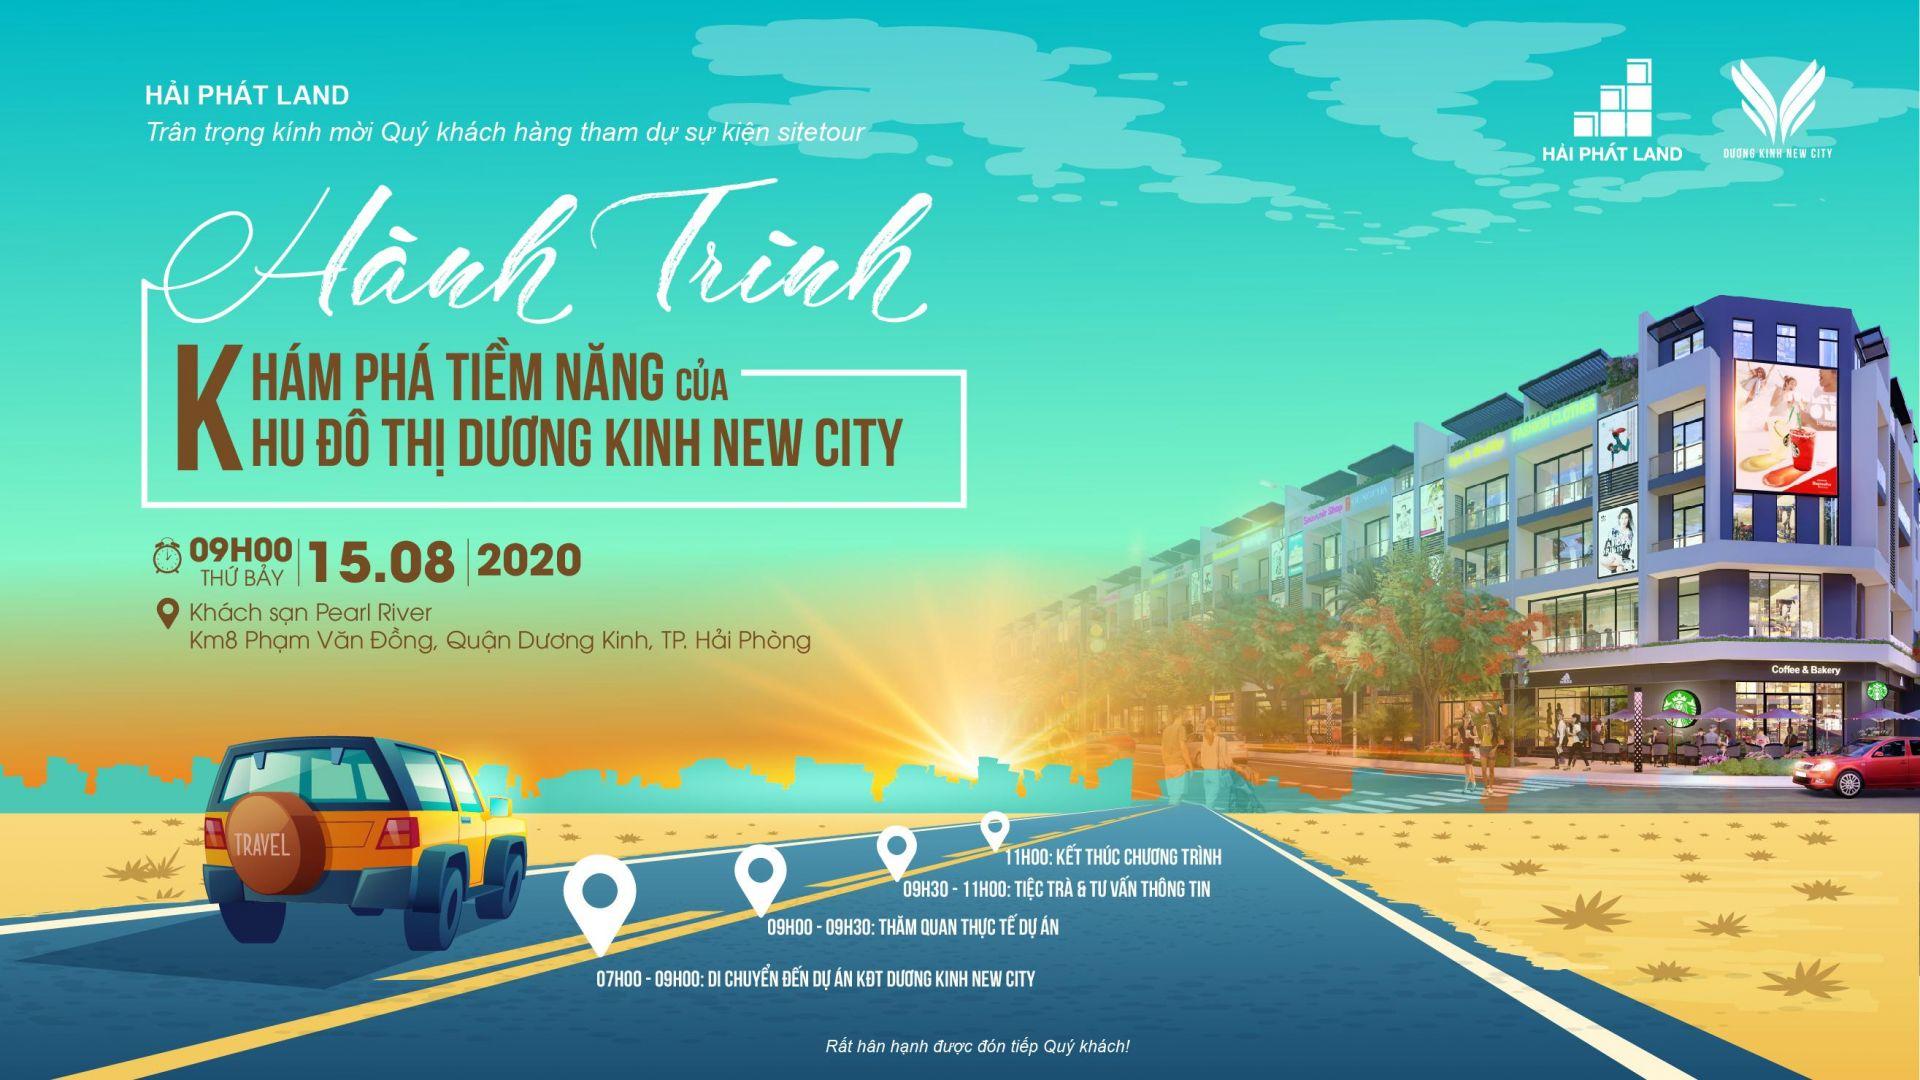 Hành trình khám phá tiềm năng của KĐT Dương Kinh New City